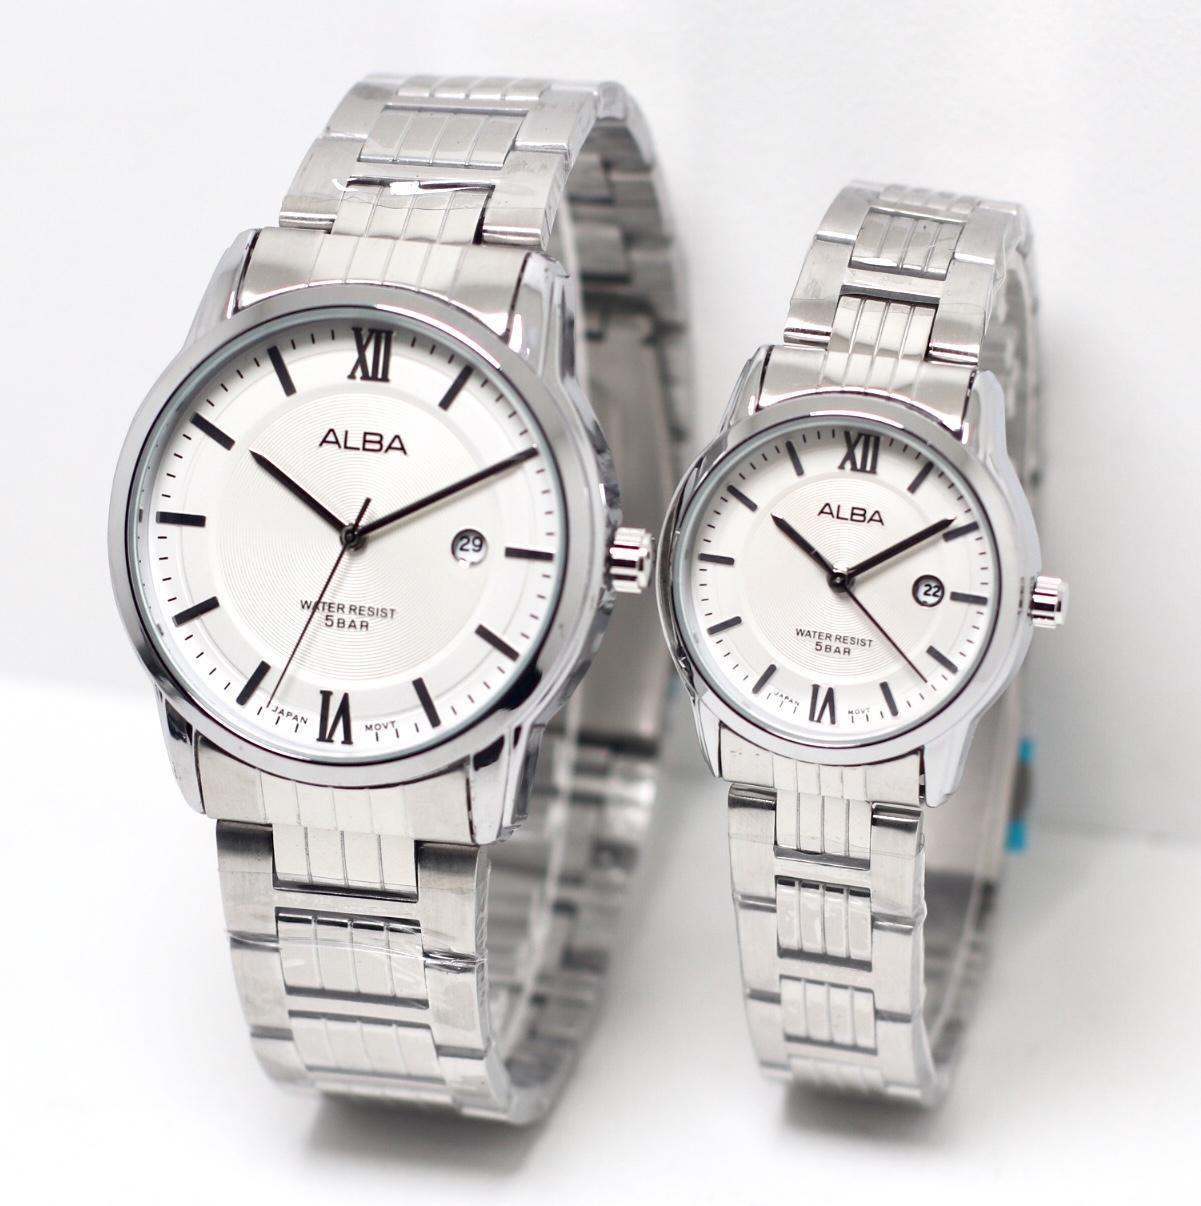 Jam Tangan Couple ALB22433 pria dan wanita rantai stainles steel Jam Tangan Couple ALBA pria dan